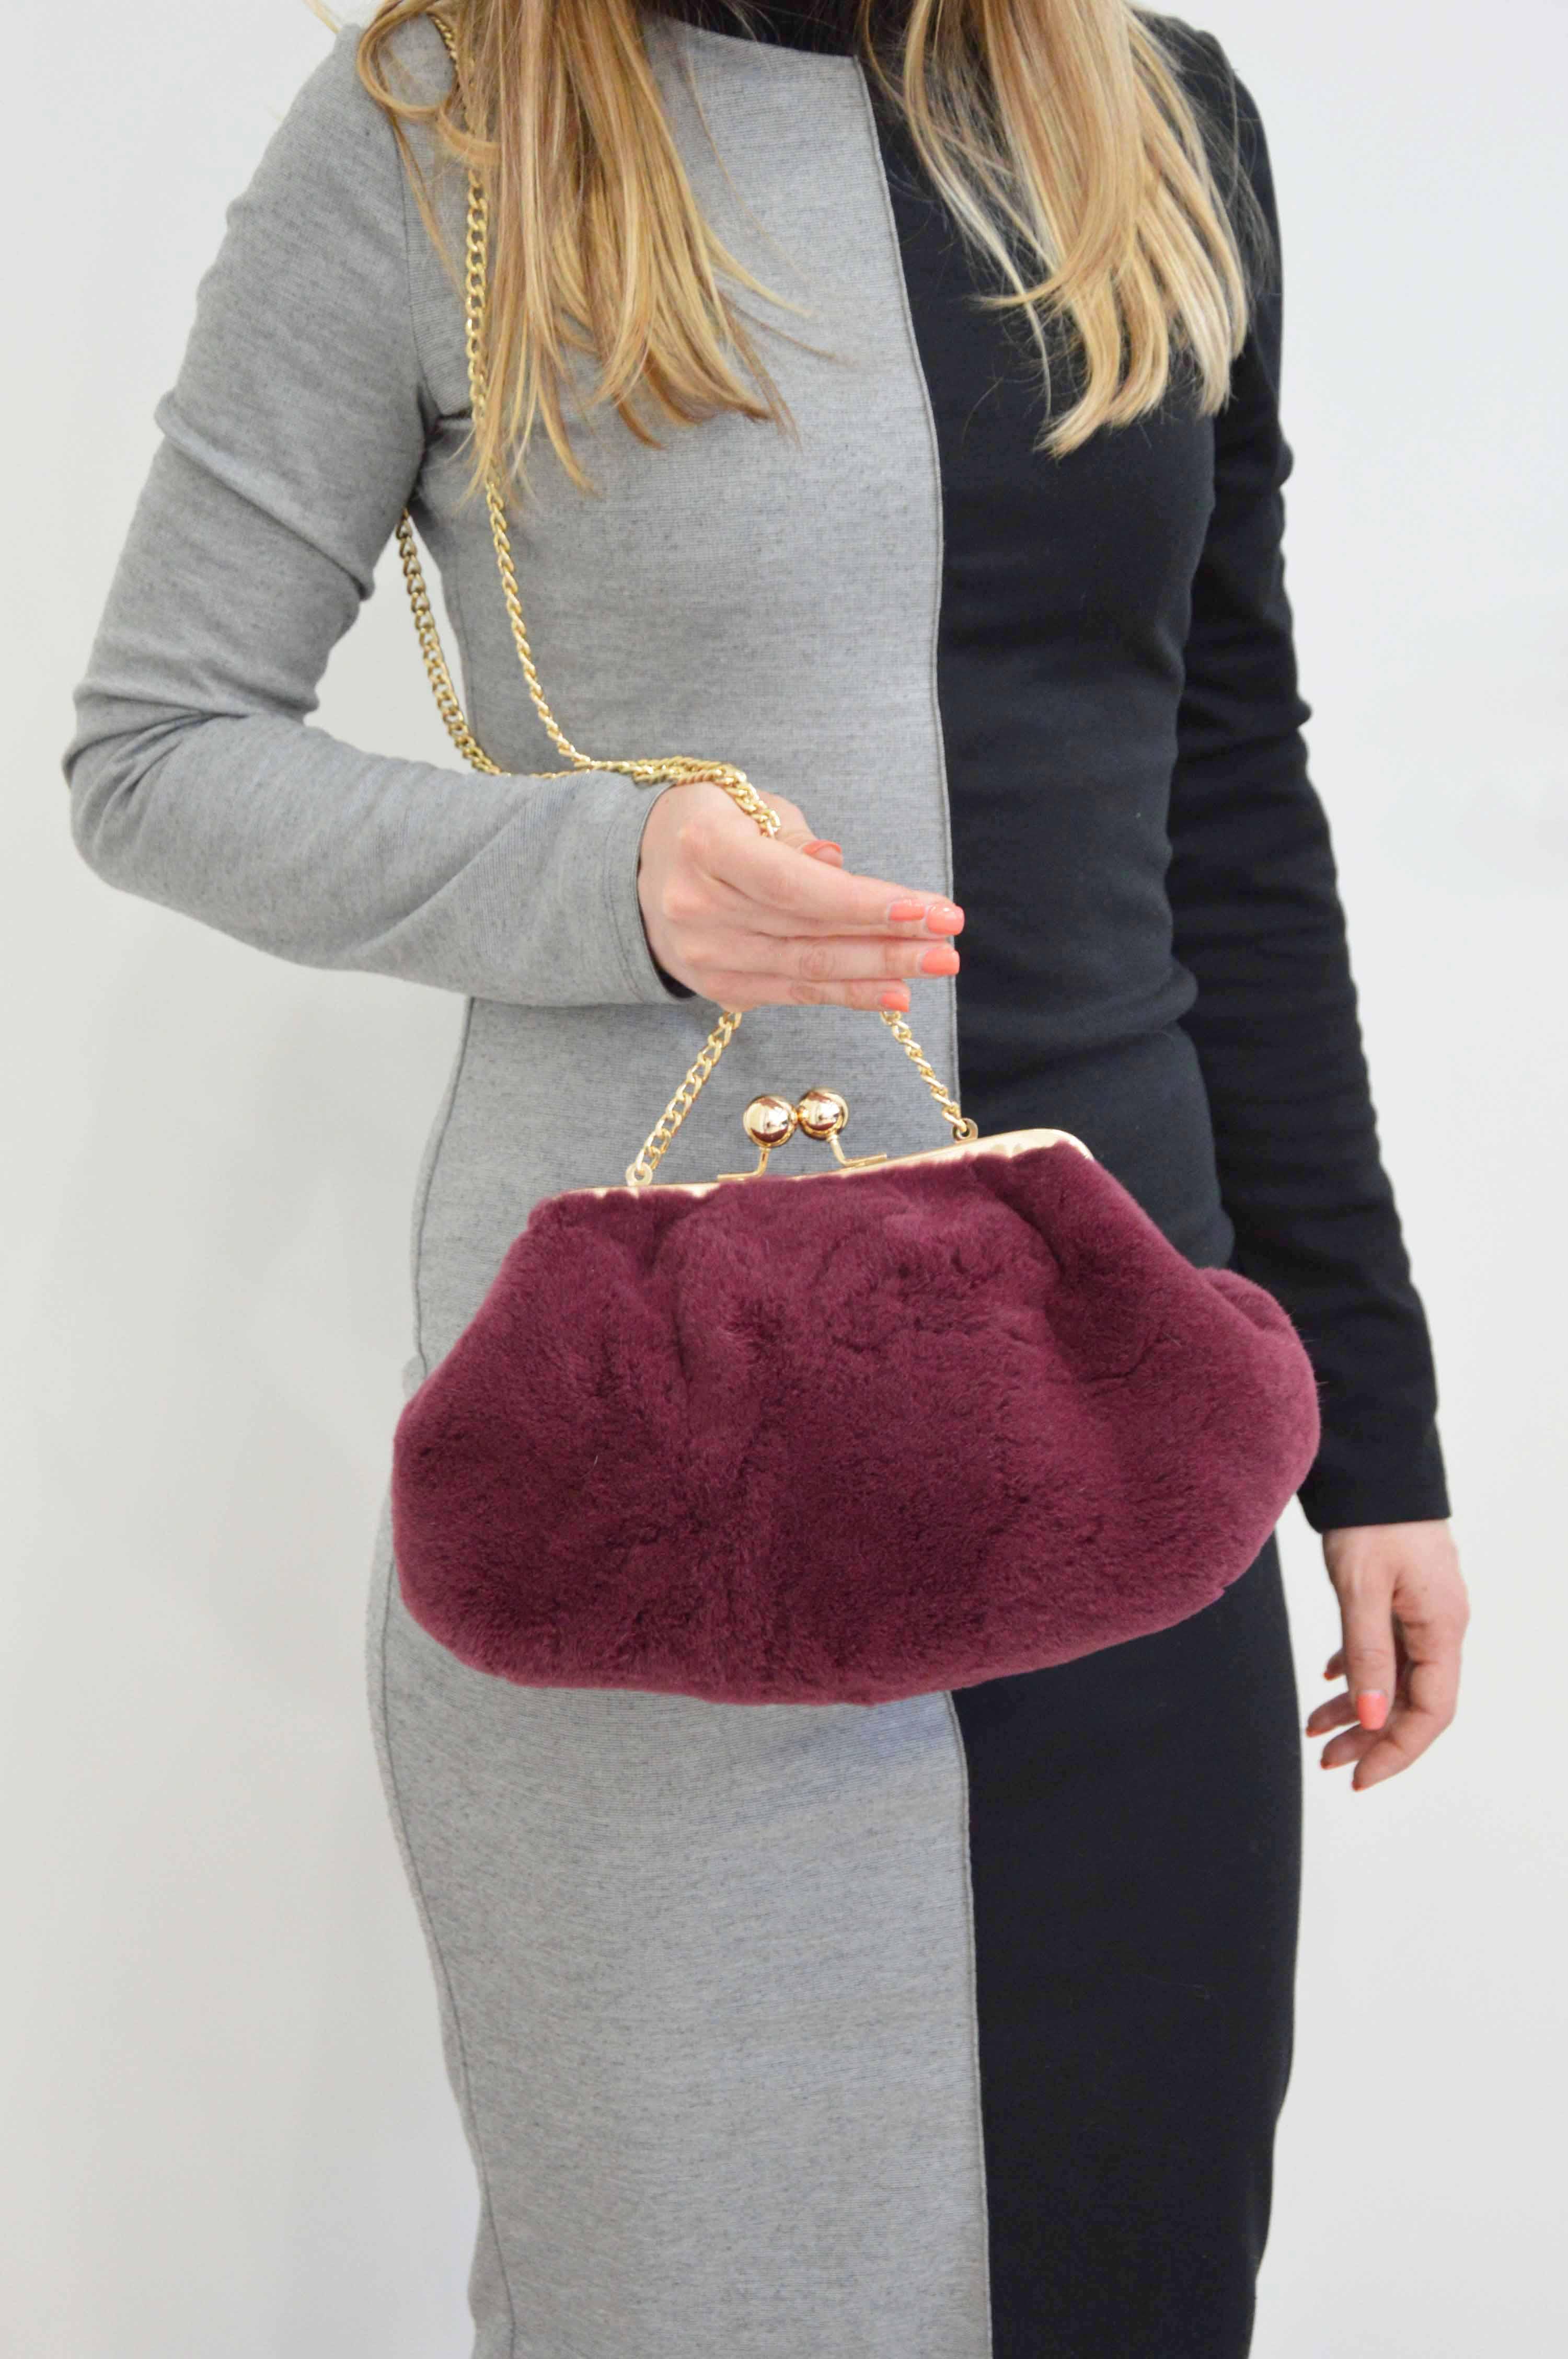 Pasticcino bag: borsa clutch di pelliccia con catena e apertura a scatto